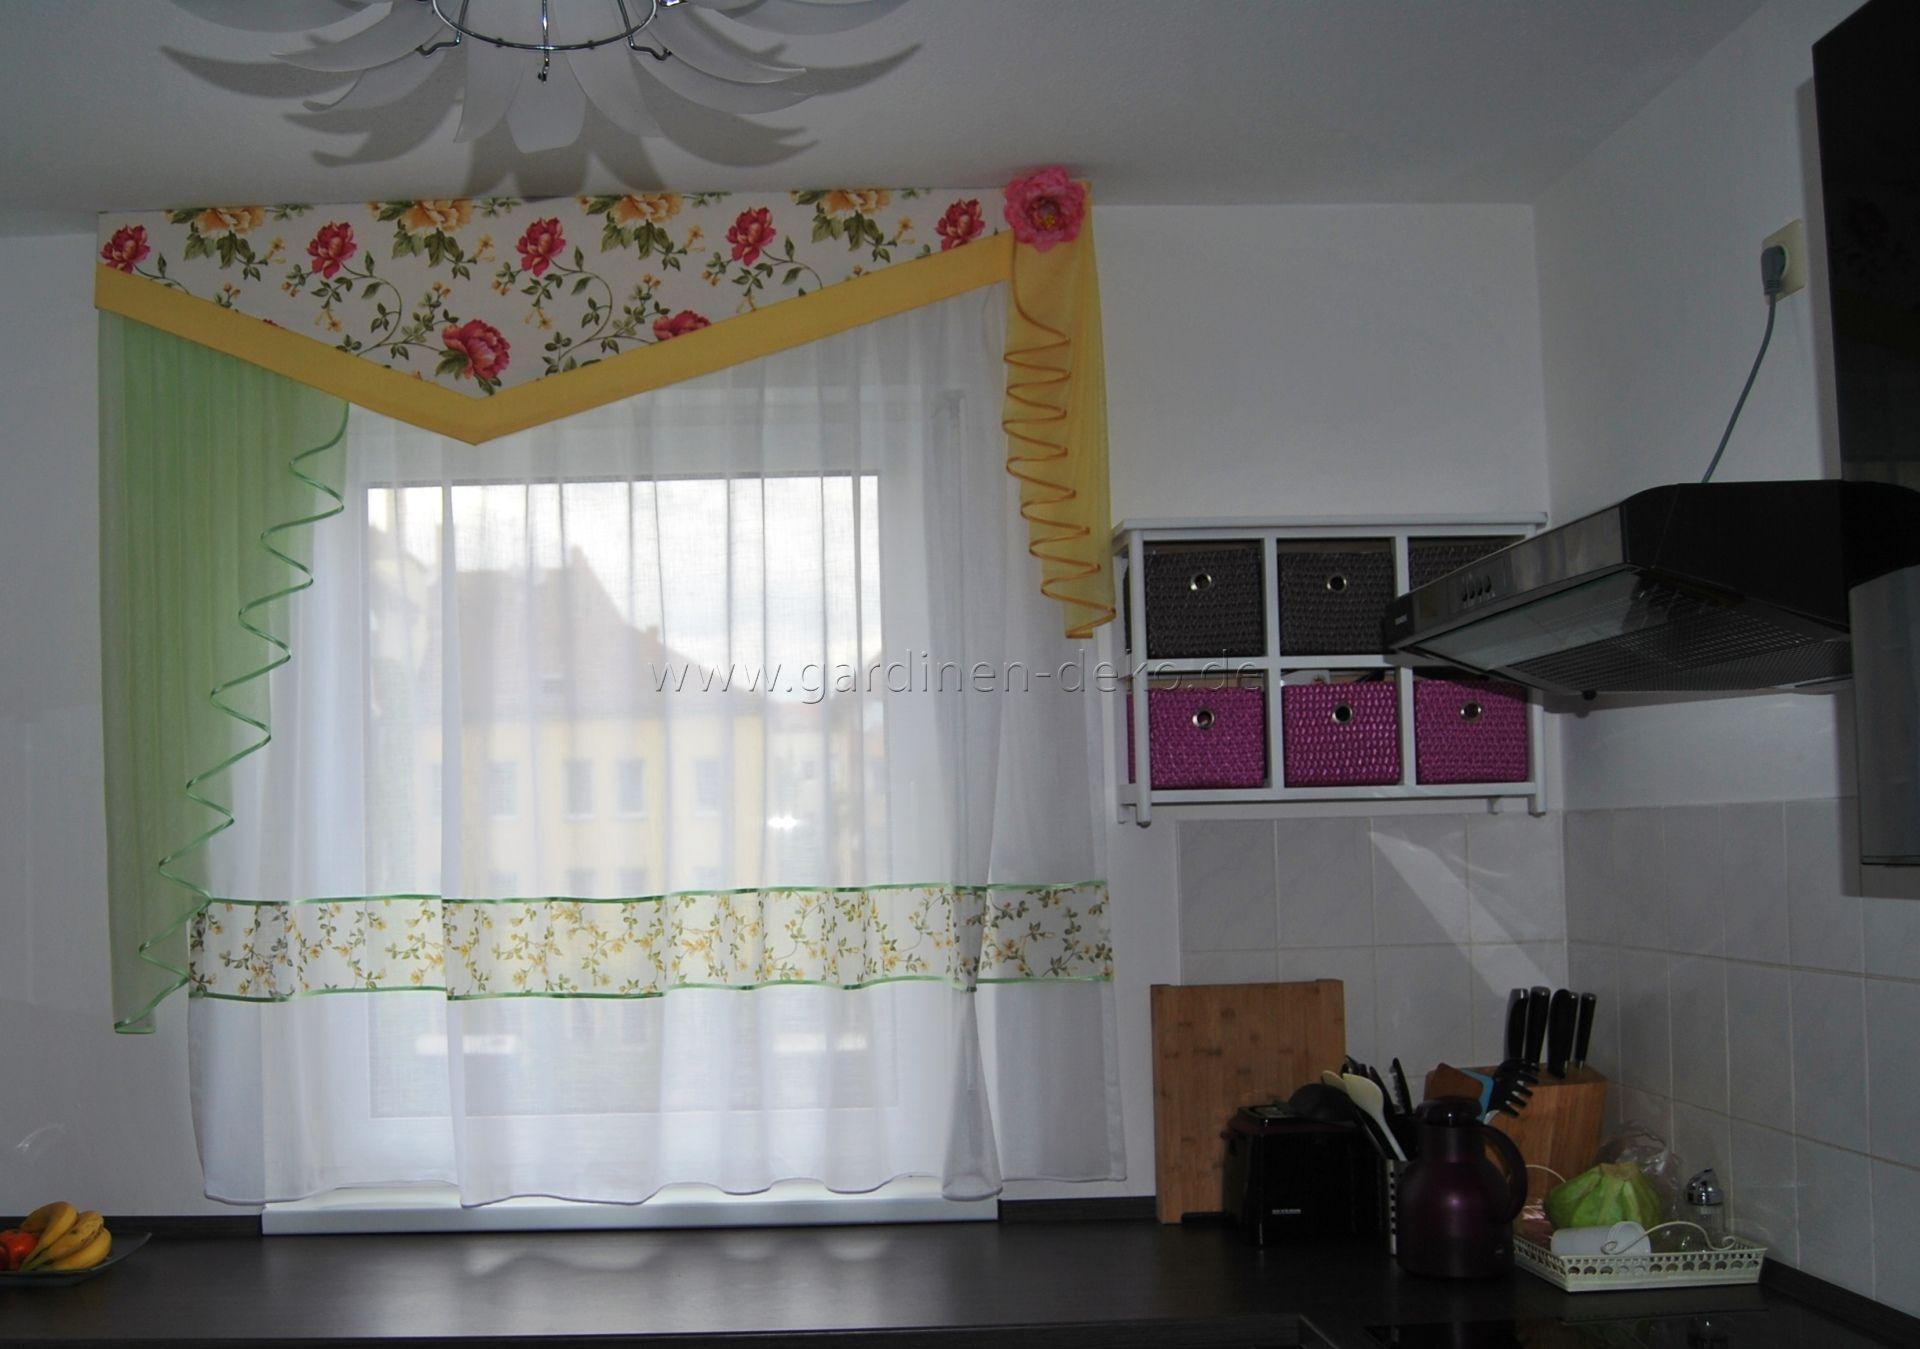 k chen vorhang mit sch ner blumenschabracke in gr n und gelb. Black Bedroom Furniture Sets. Home Design Ideas